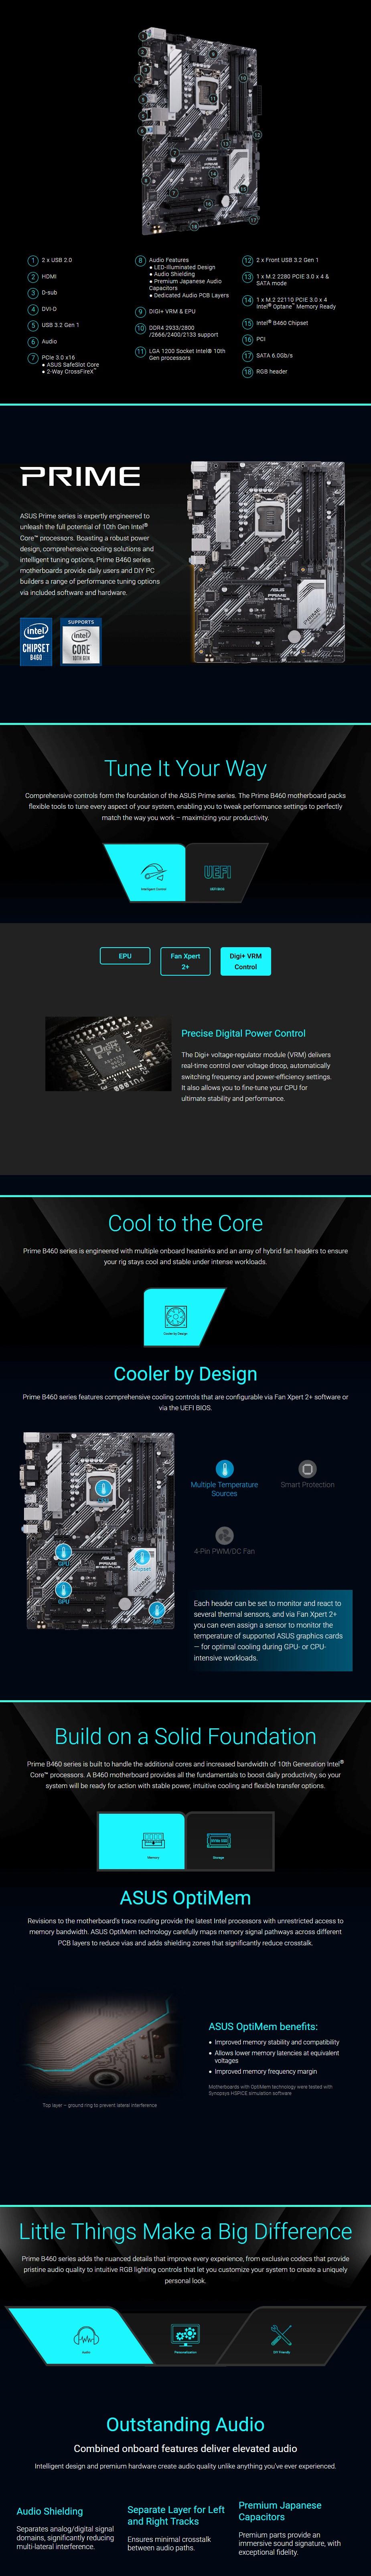 ASUS PRIME B460-PLUS LGA 1200 Micro-ATX Motherboard - Overview 1